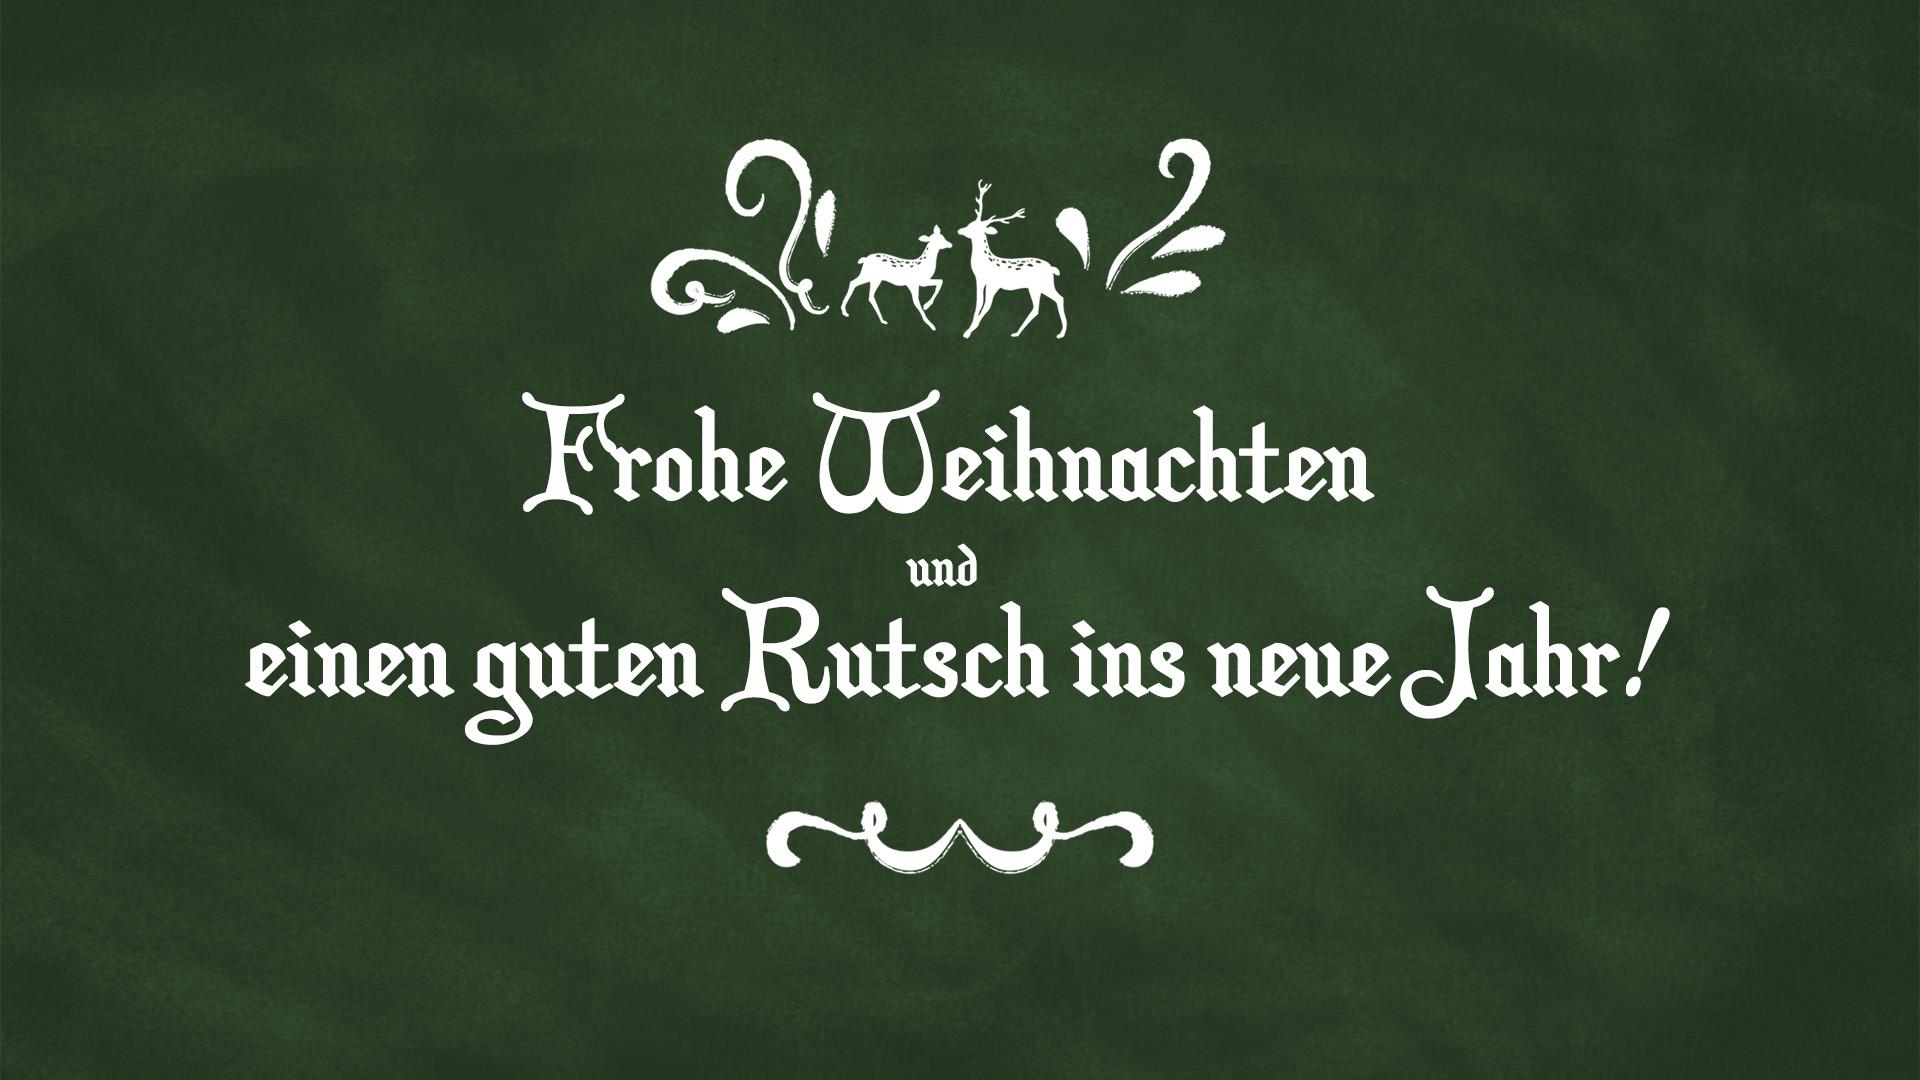 Großartig Frohes Neues Jahr Malvorlagen Ideen - Malvorlagen Von ...